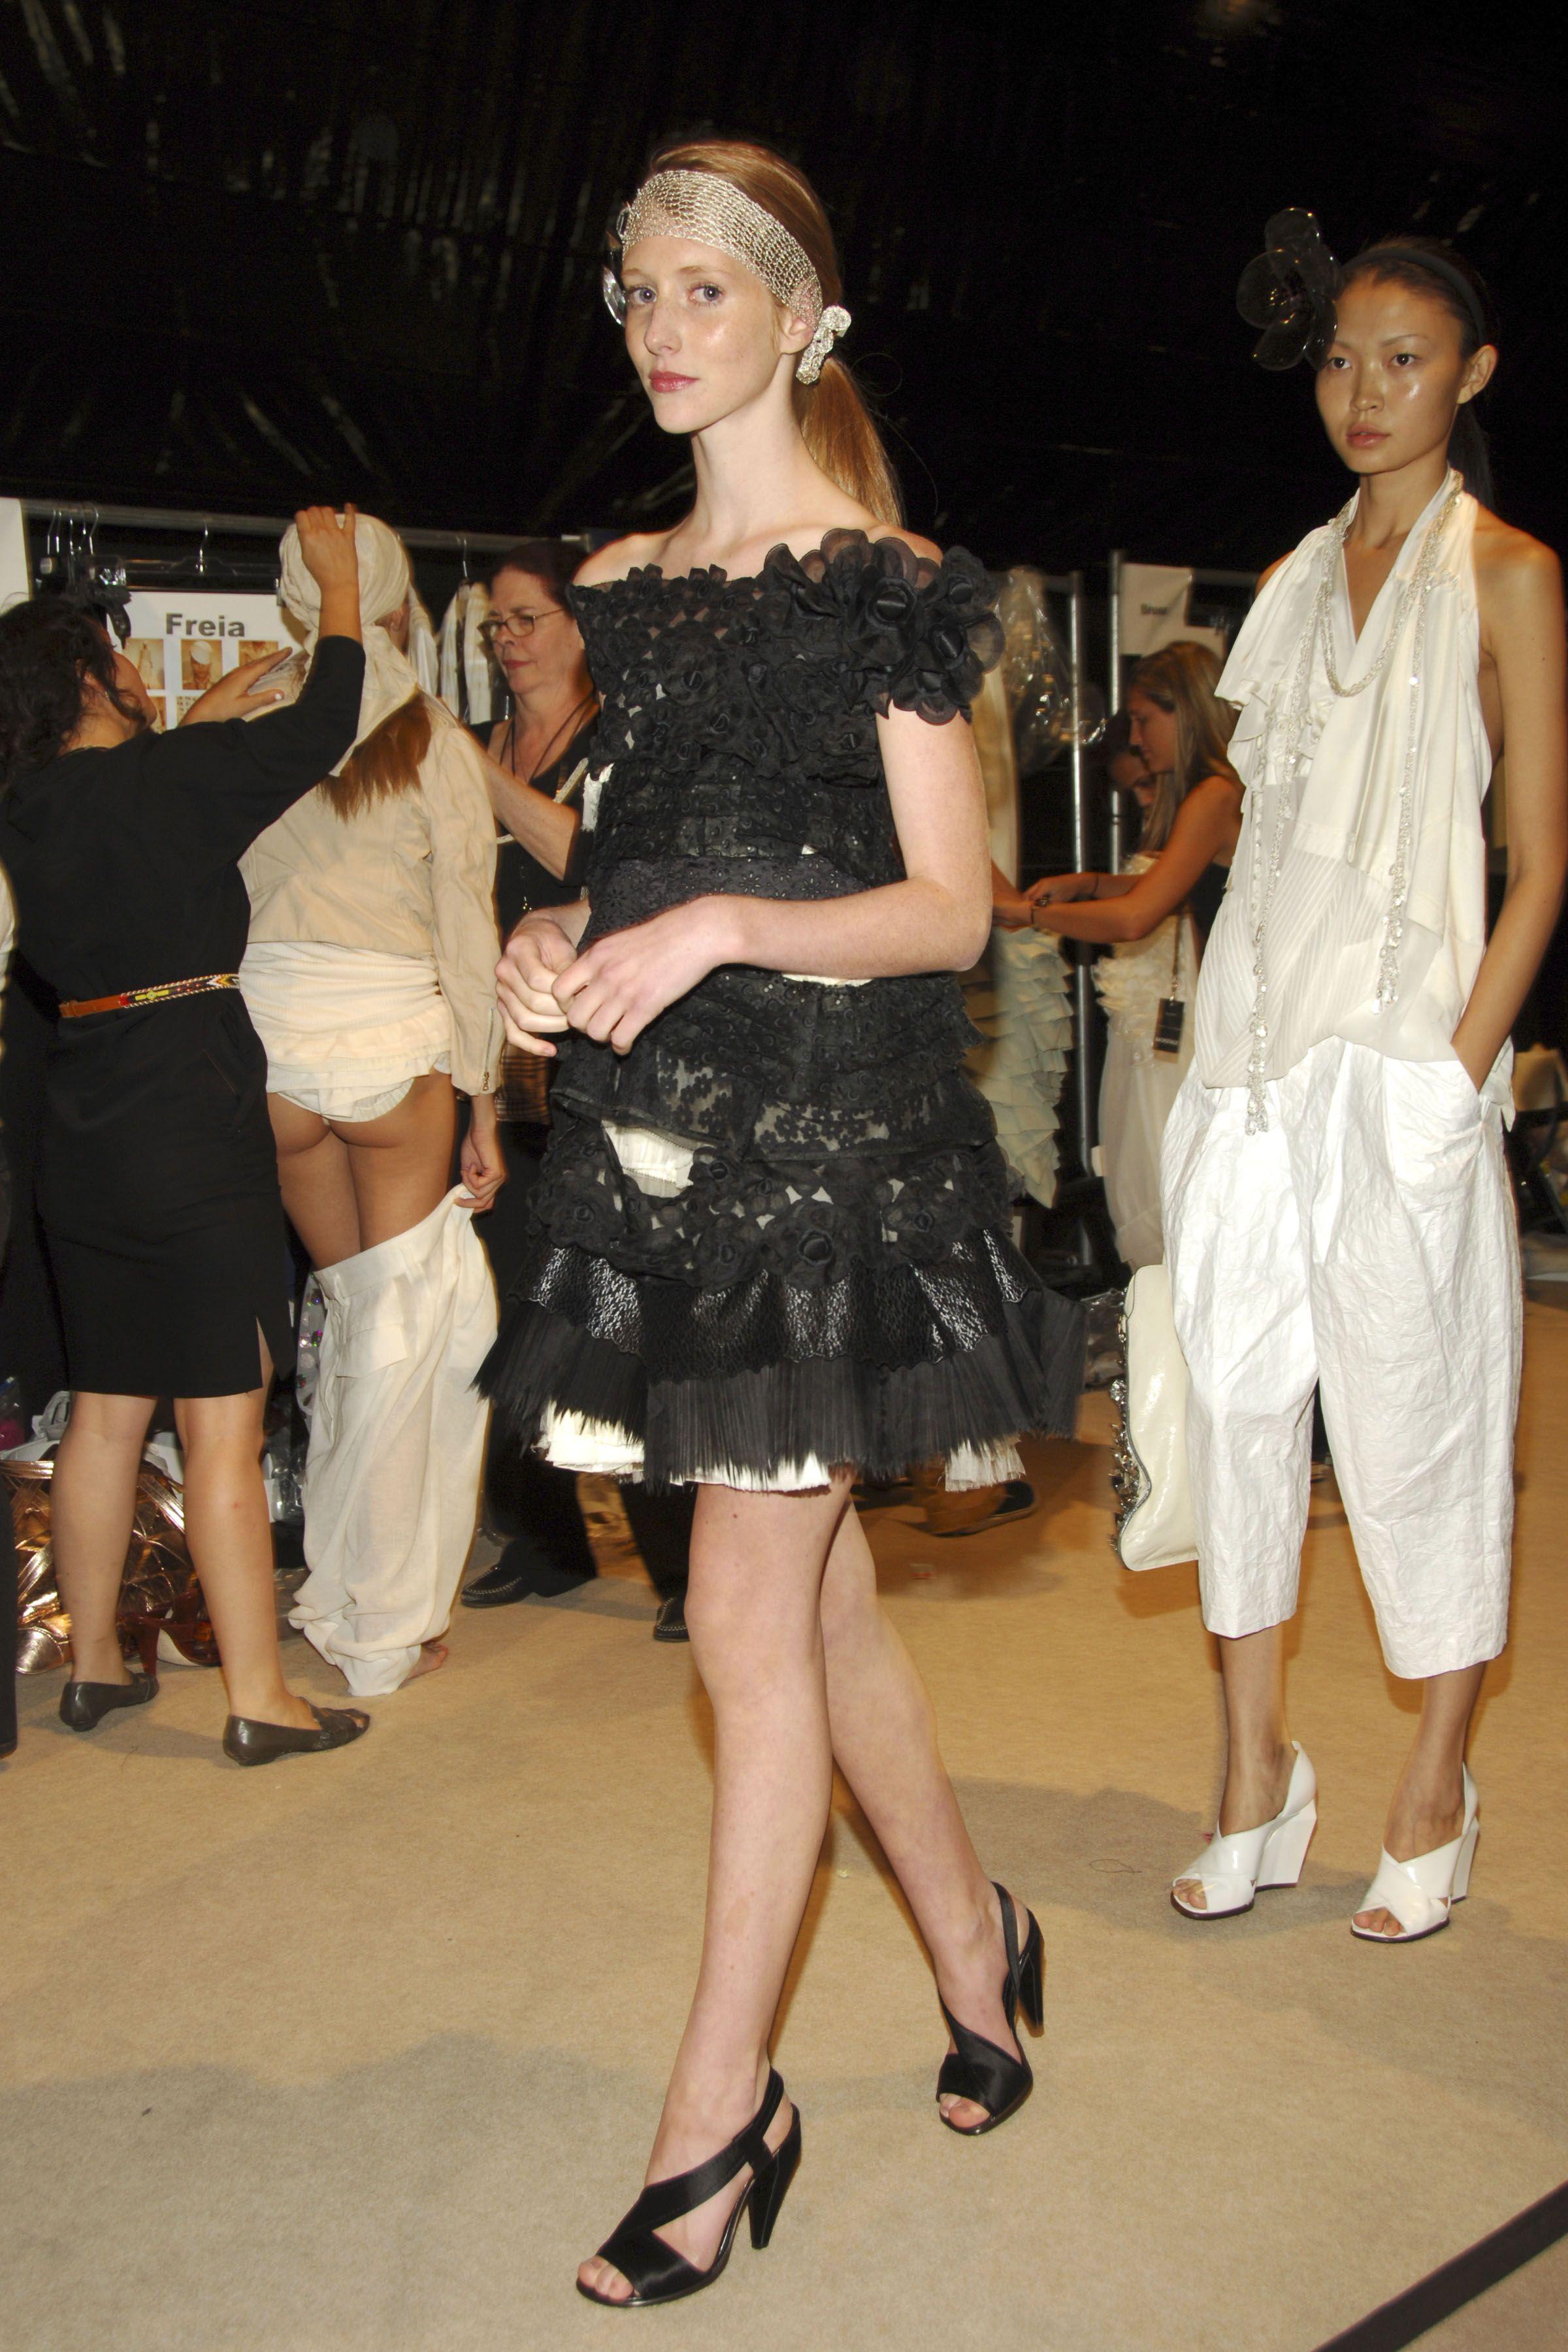 【巨乳あり】ファッションショーの裏側の様子をご覧くださいwwwwwwwwww(画像63枚)・51枚目